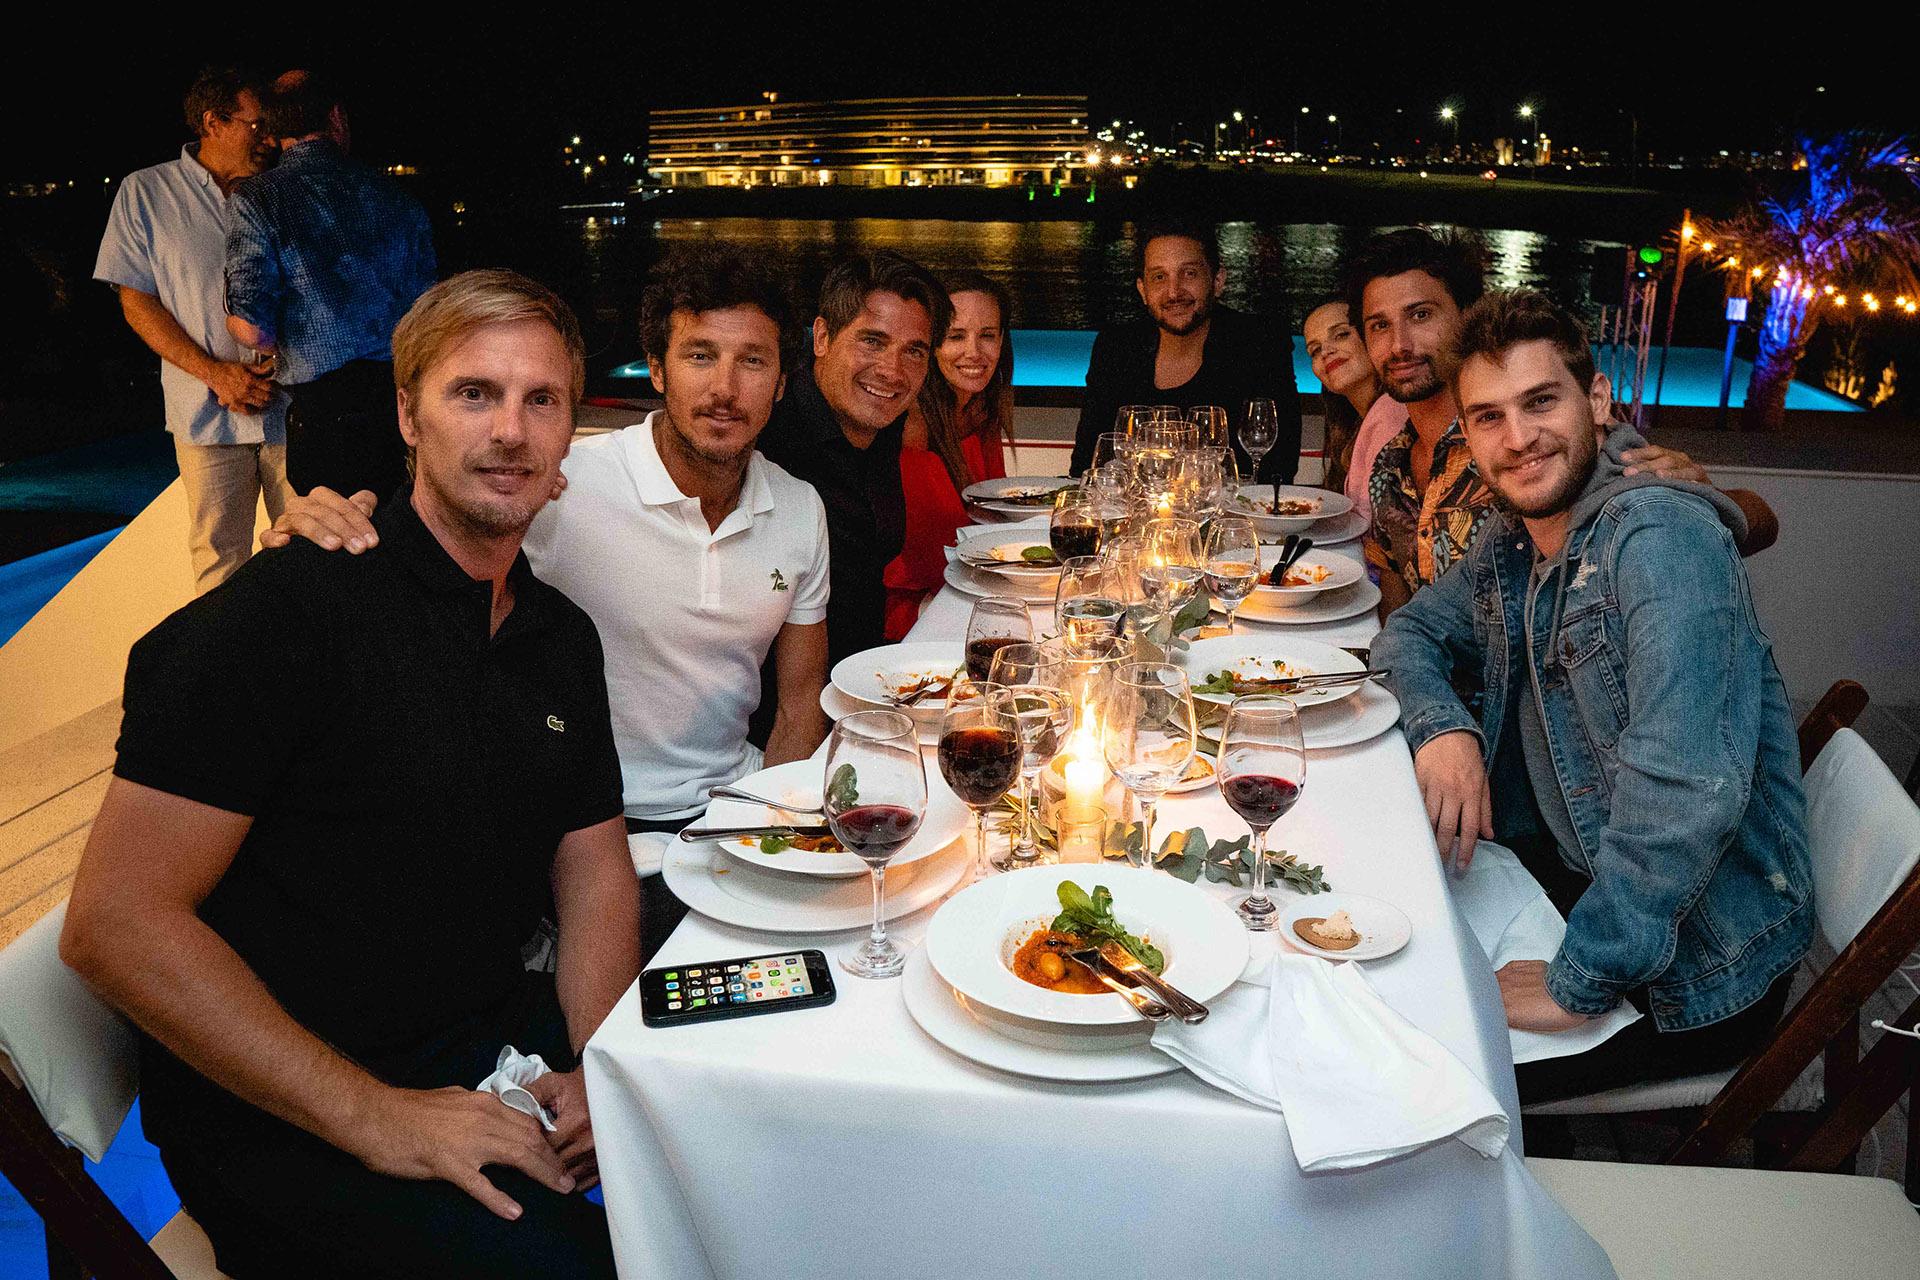 Los famosos en una divertida cena esteña /// Fotos: Gentileza McDonald's